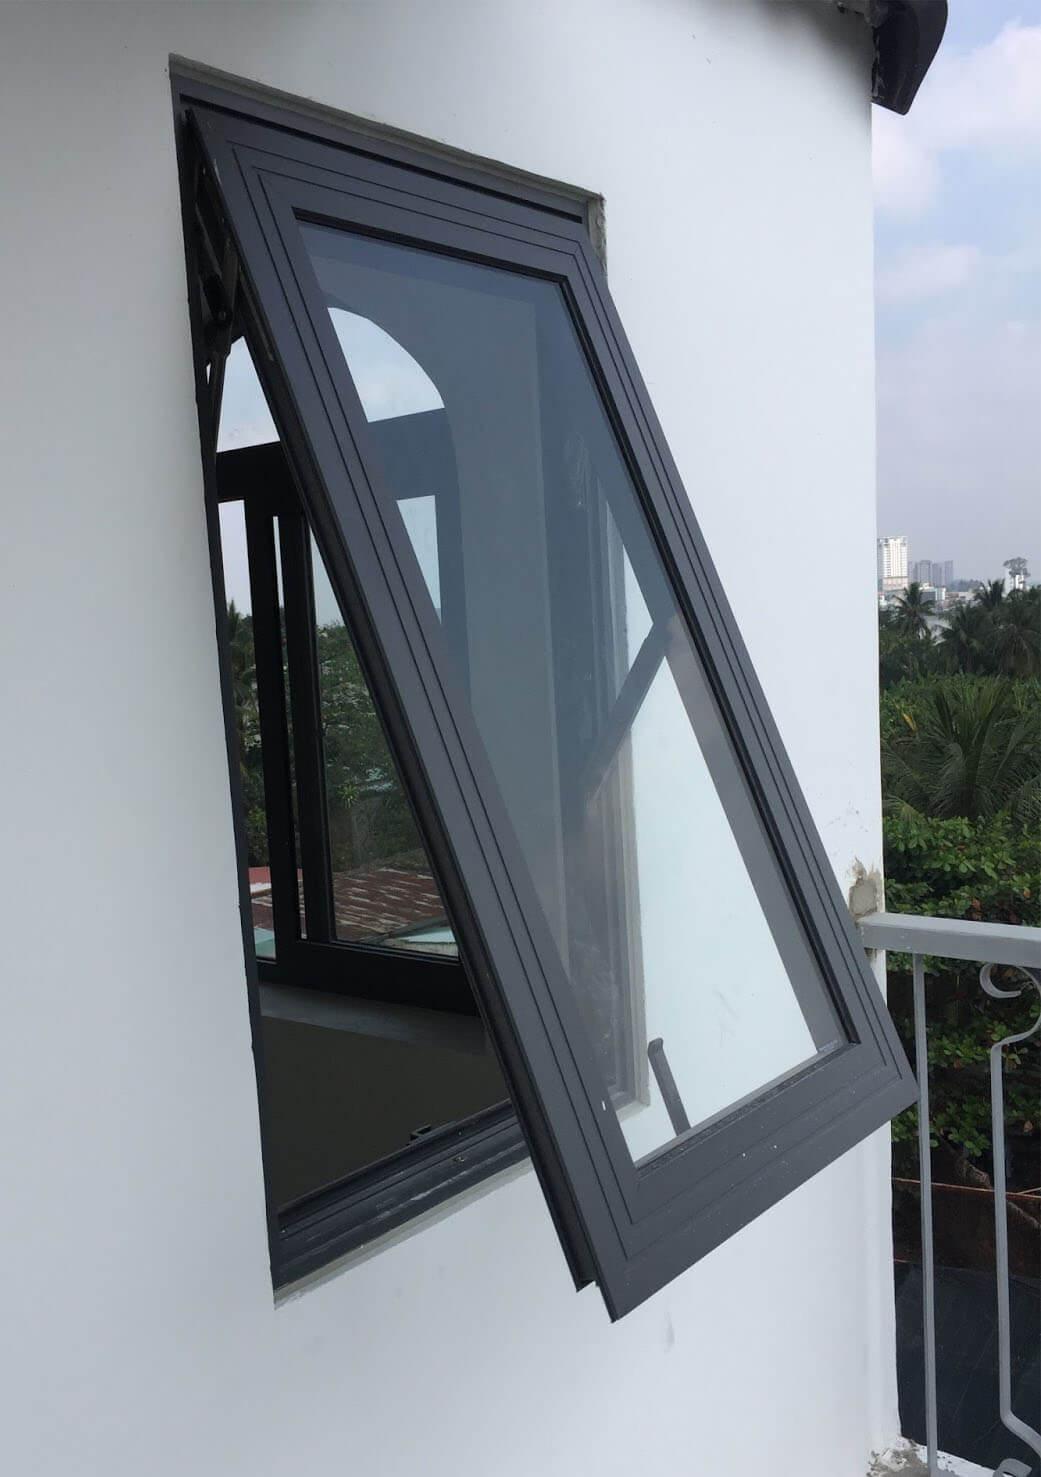 Cửa sổ mở hất mang nét tinh tế cho ngôi nhà